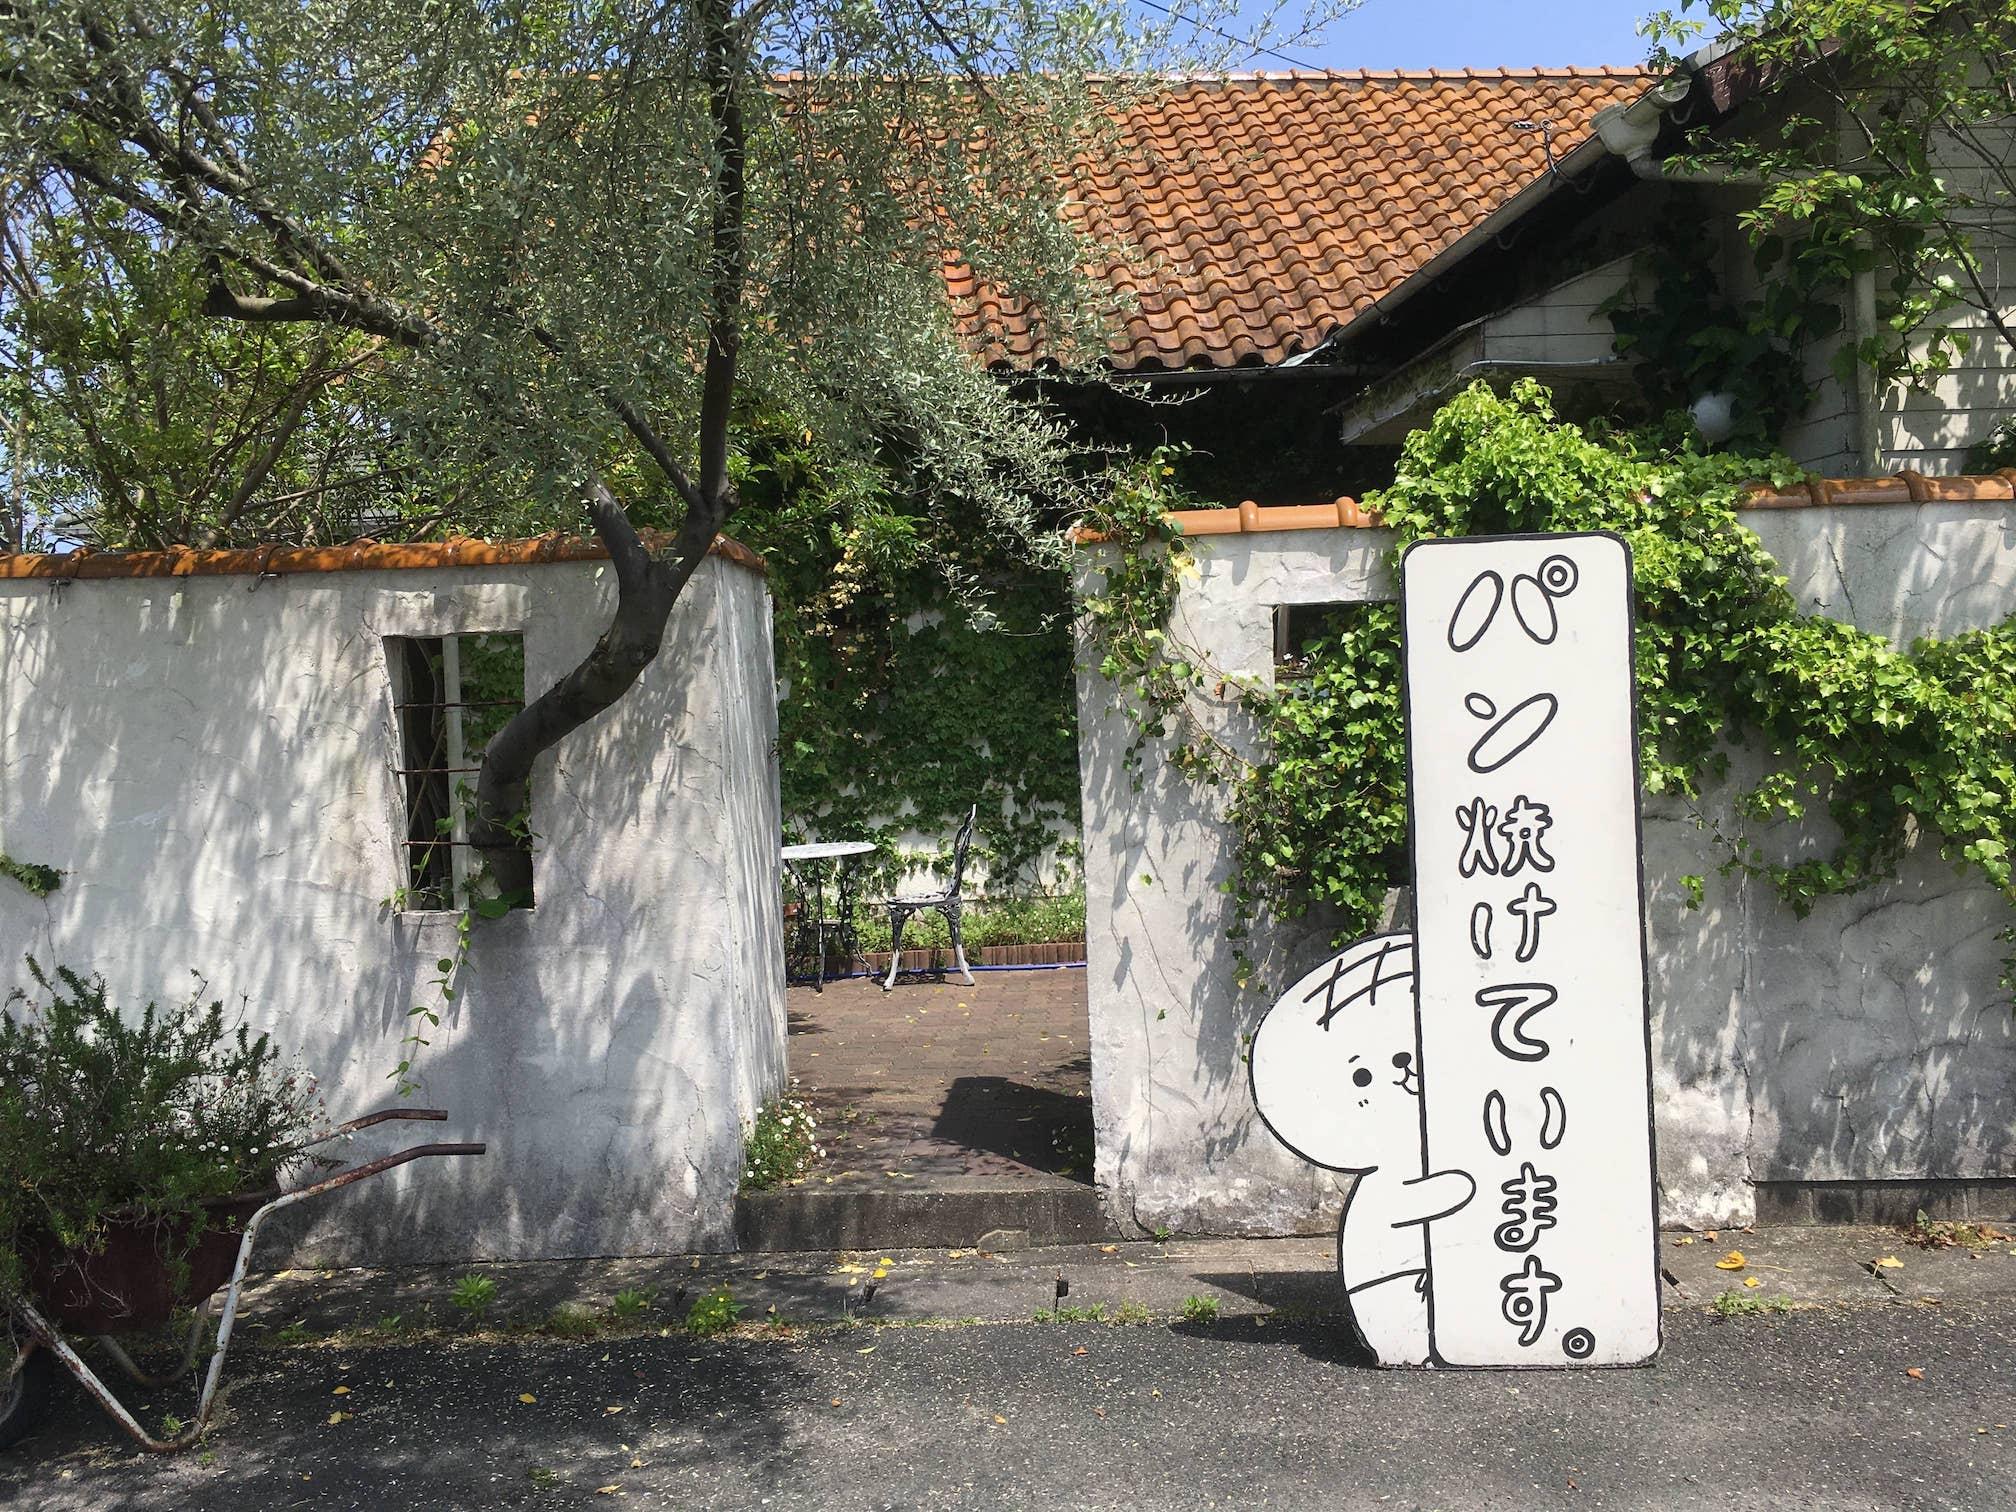 糸島にあるパン屋cachette